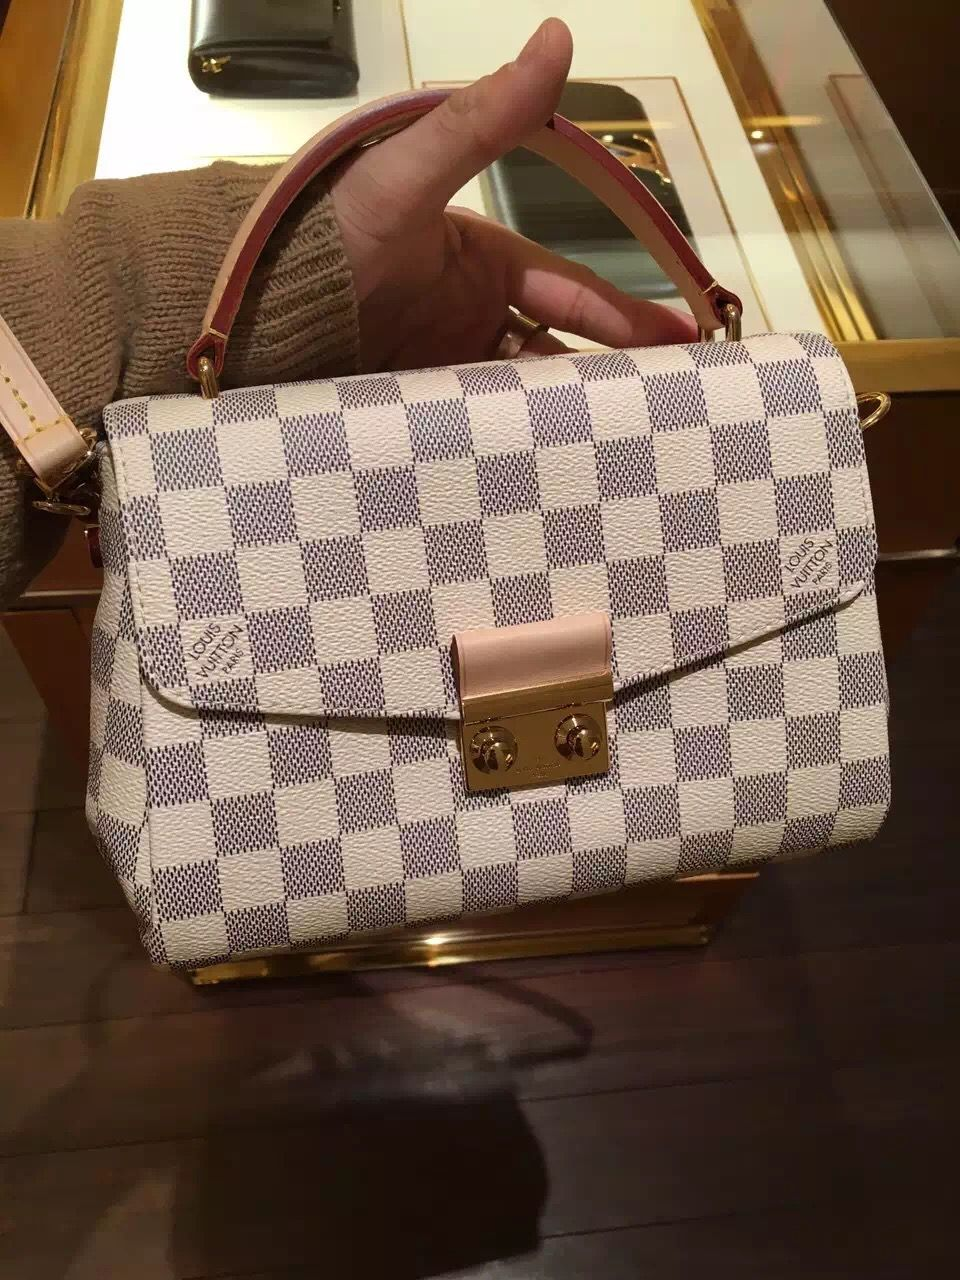 74a3c76f1a4d Louis Vuitton Damier Azur Croisette Bag N41581 www.luxvipshopper.com  N41581 …